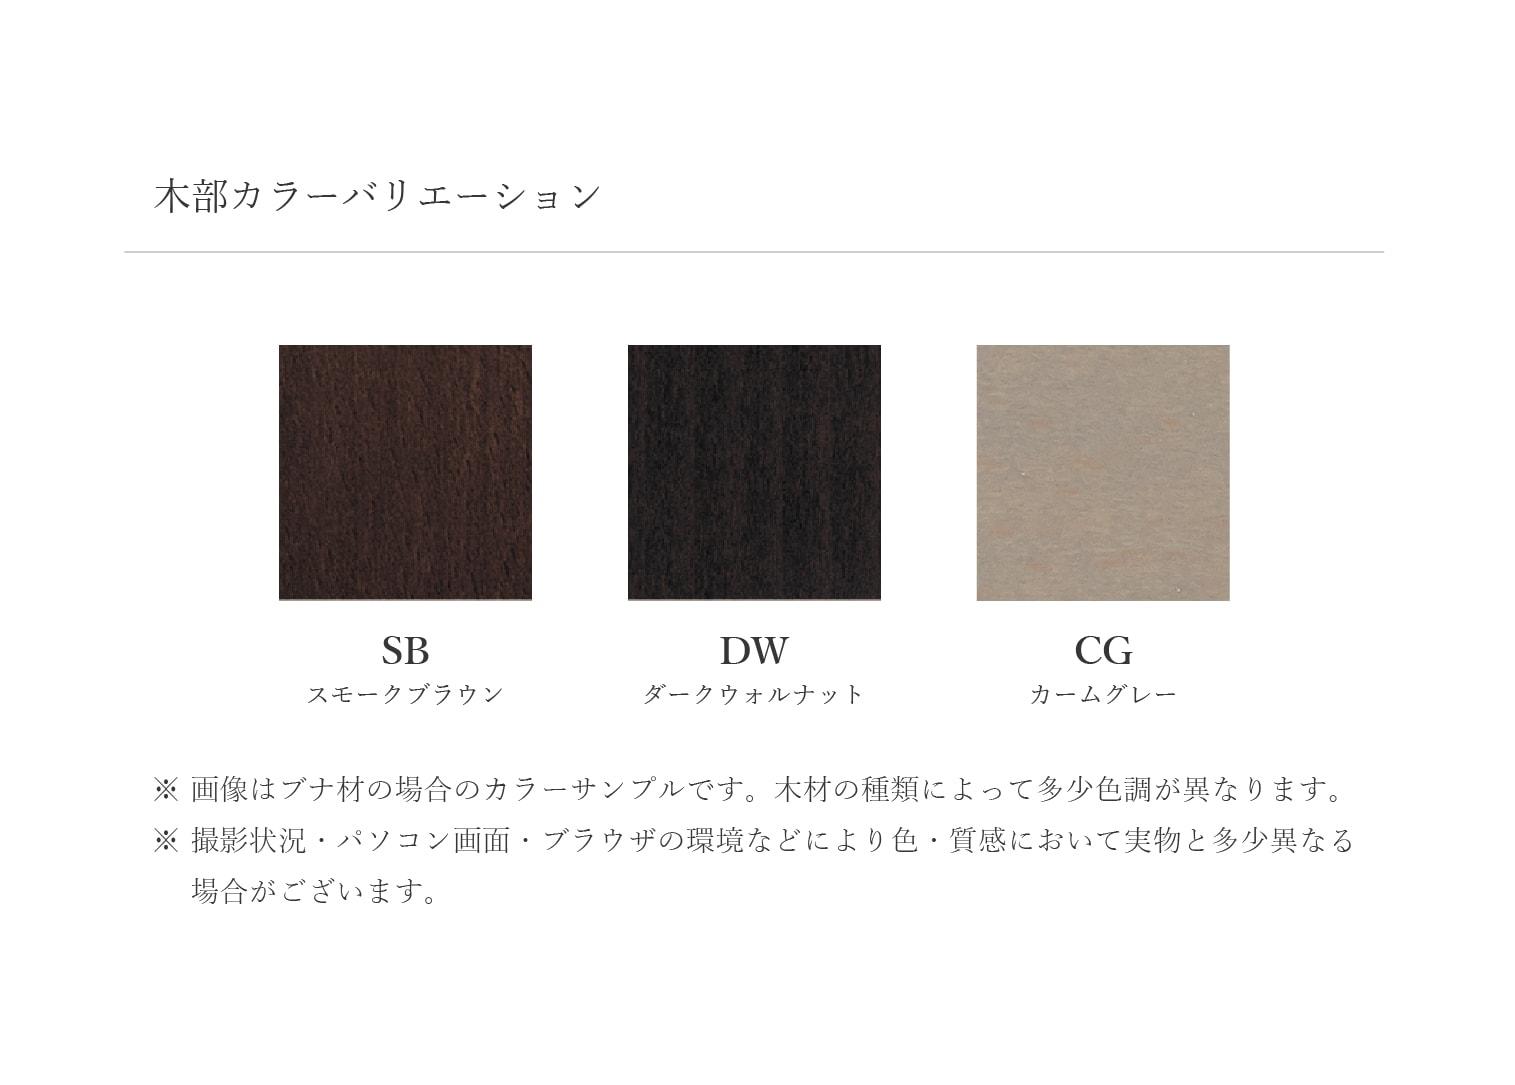 VT-107 木部カラー